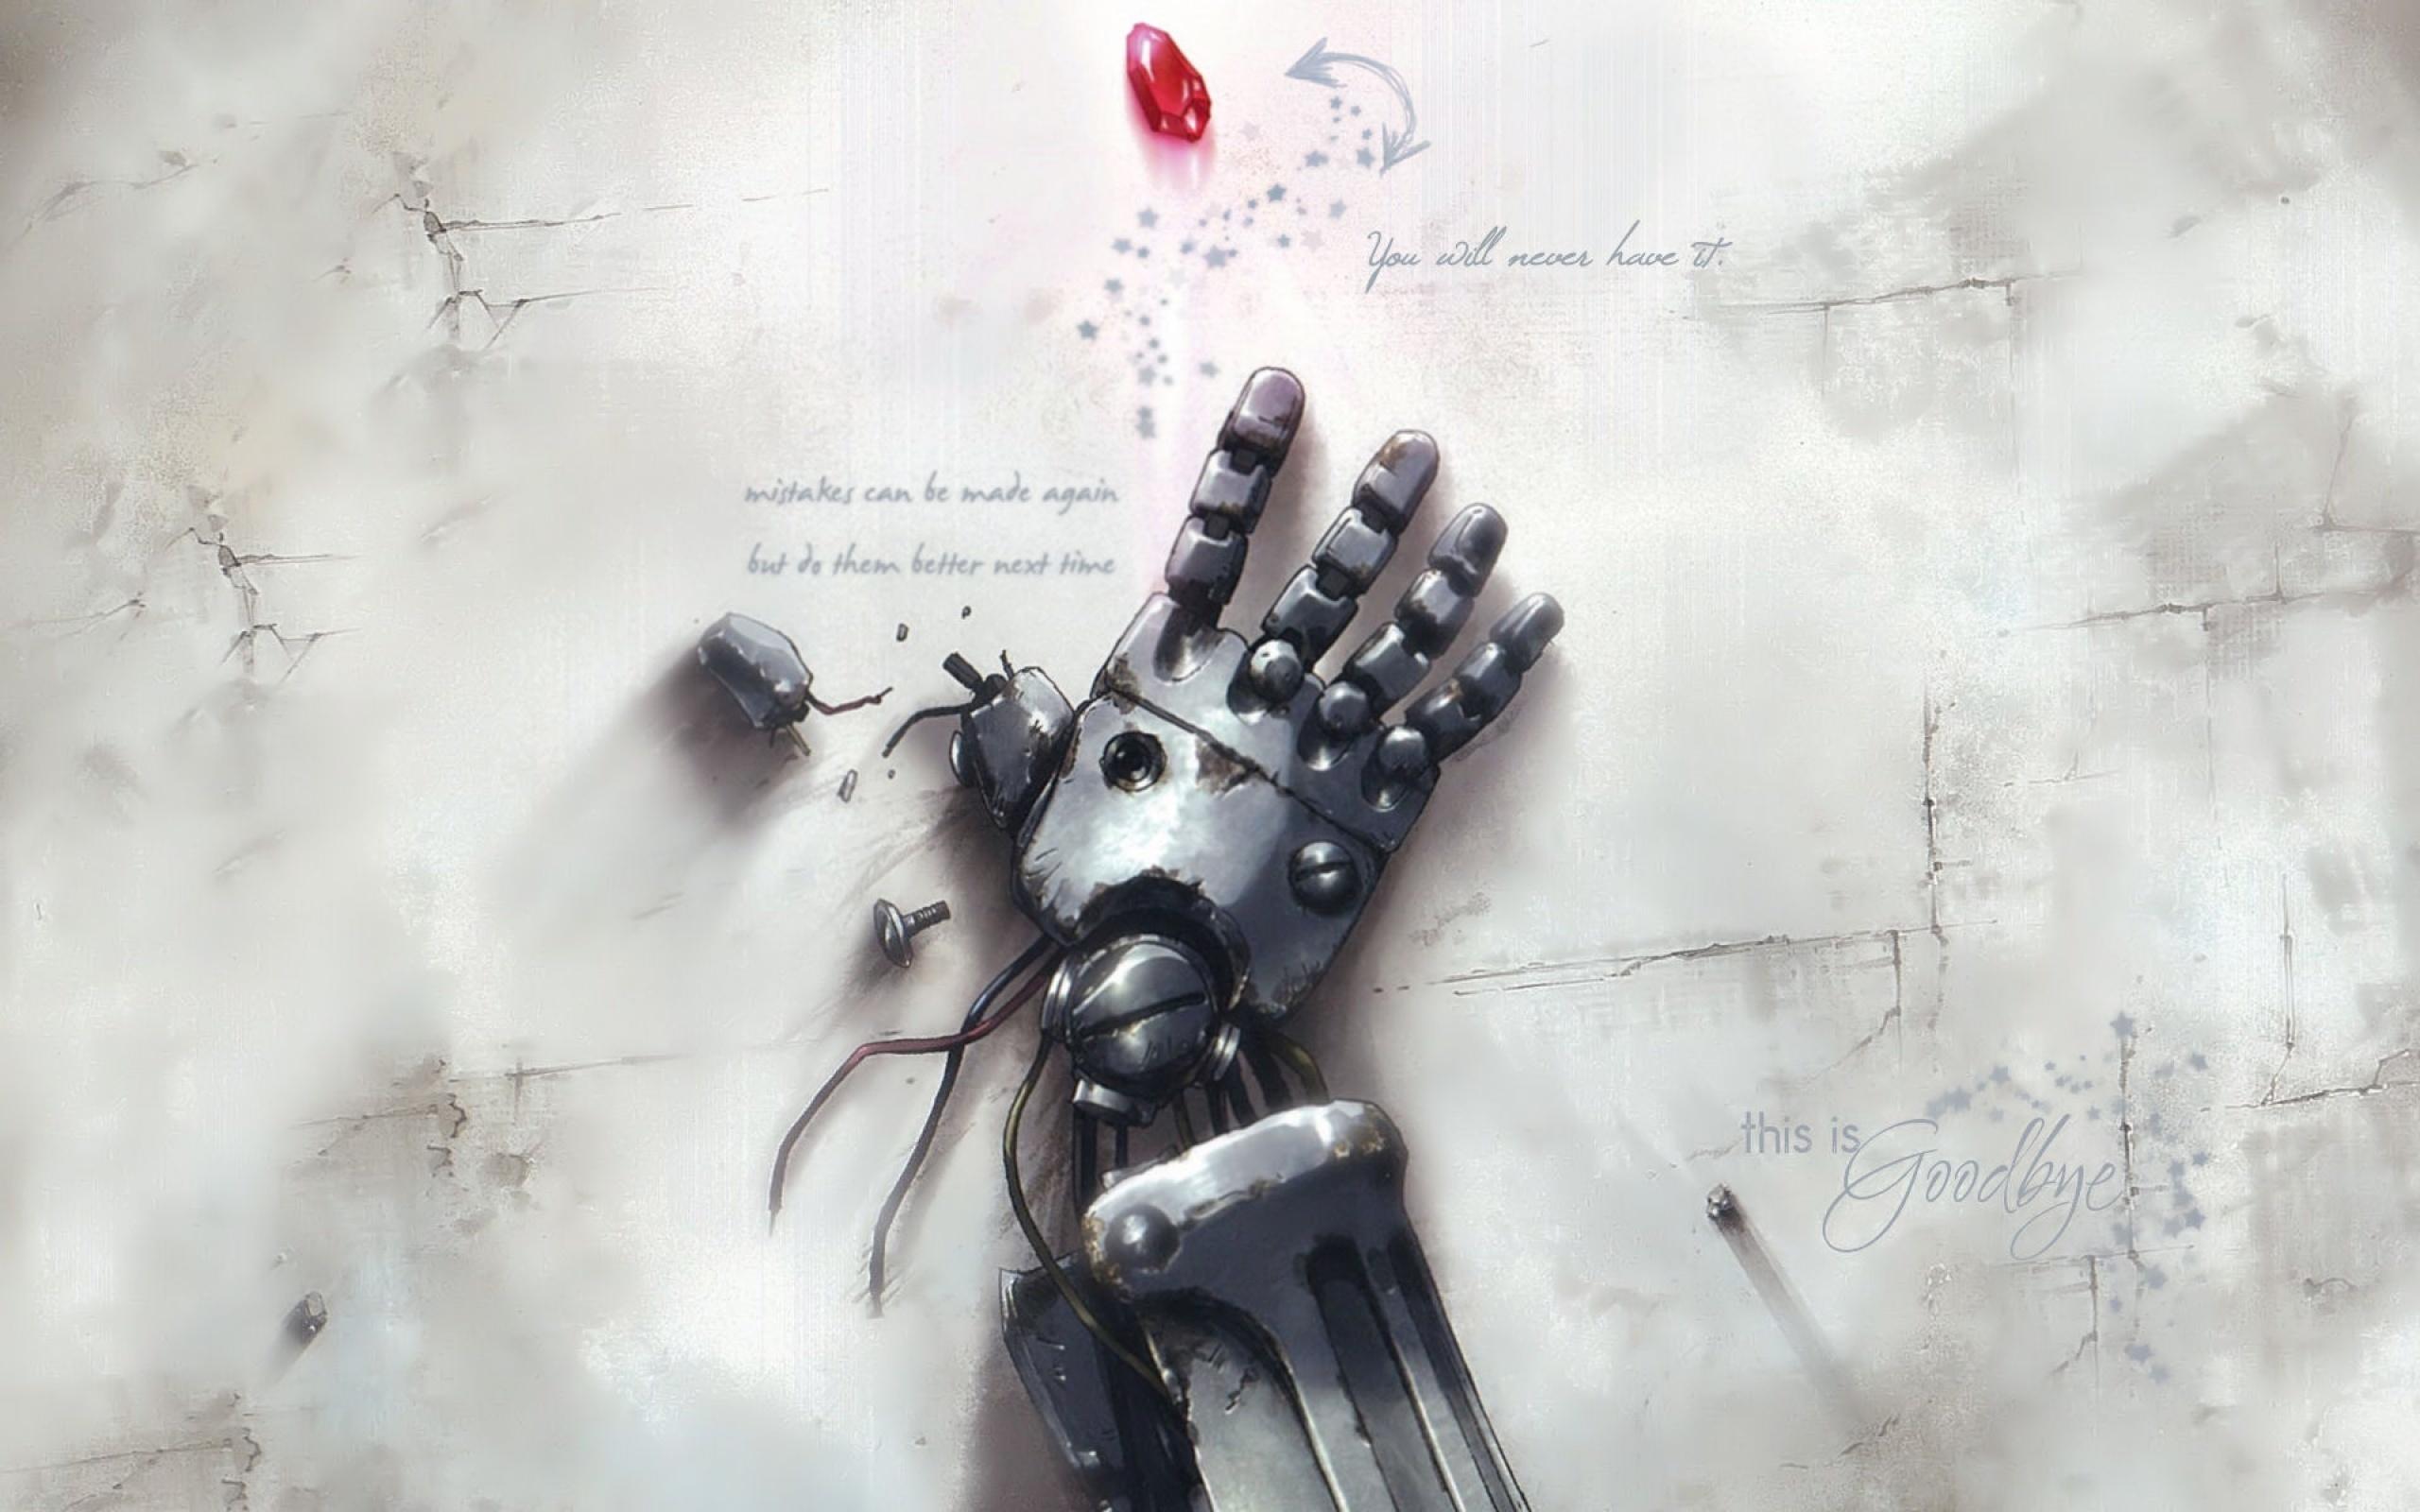 fullmetal alchemist hd wallpaper | hintergrund | 2560x1600 | id